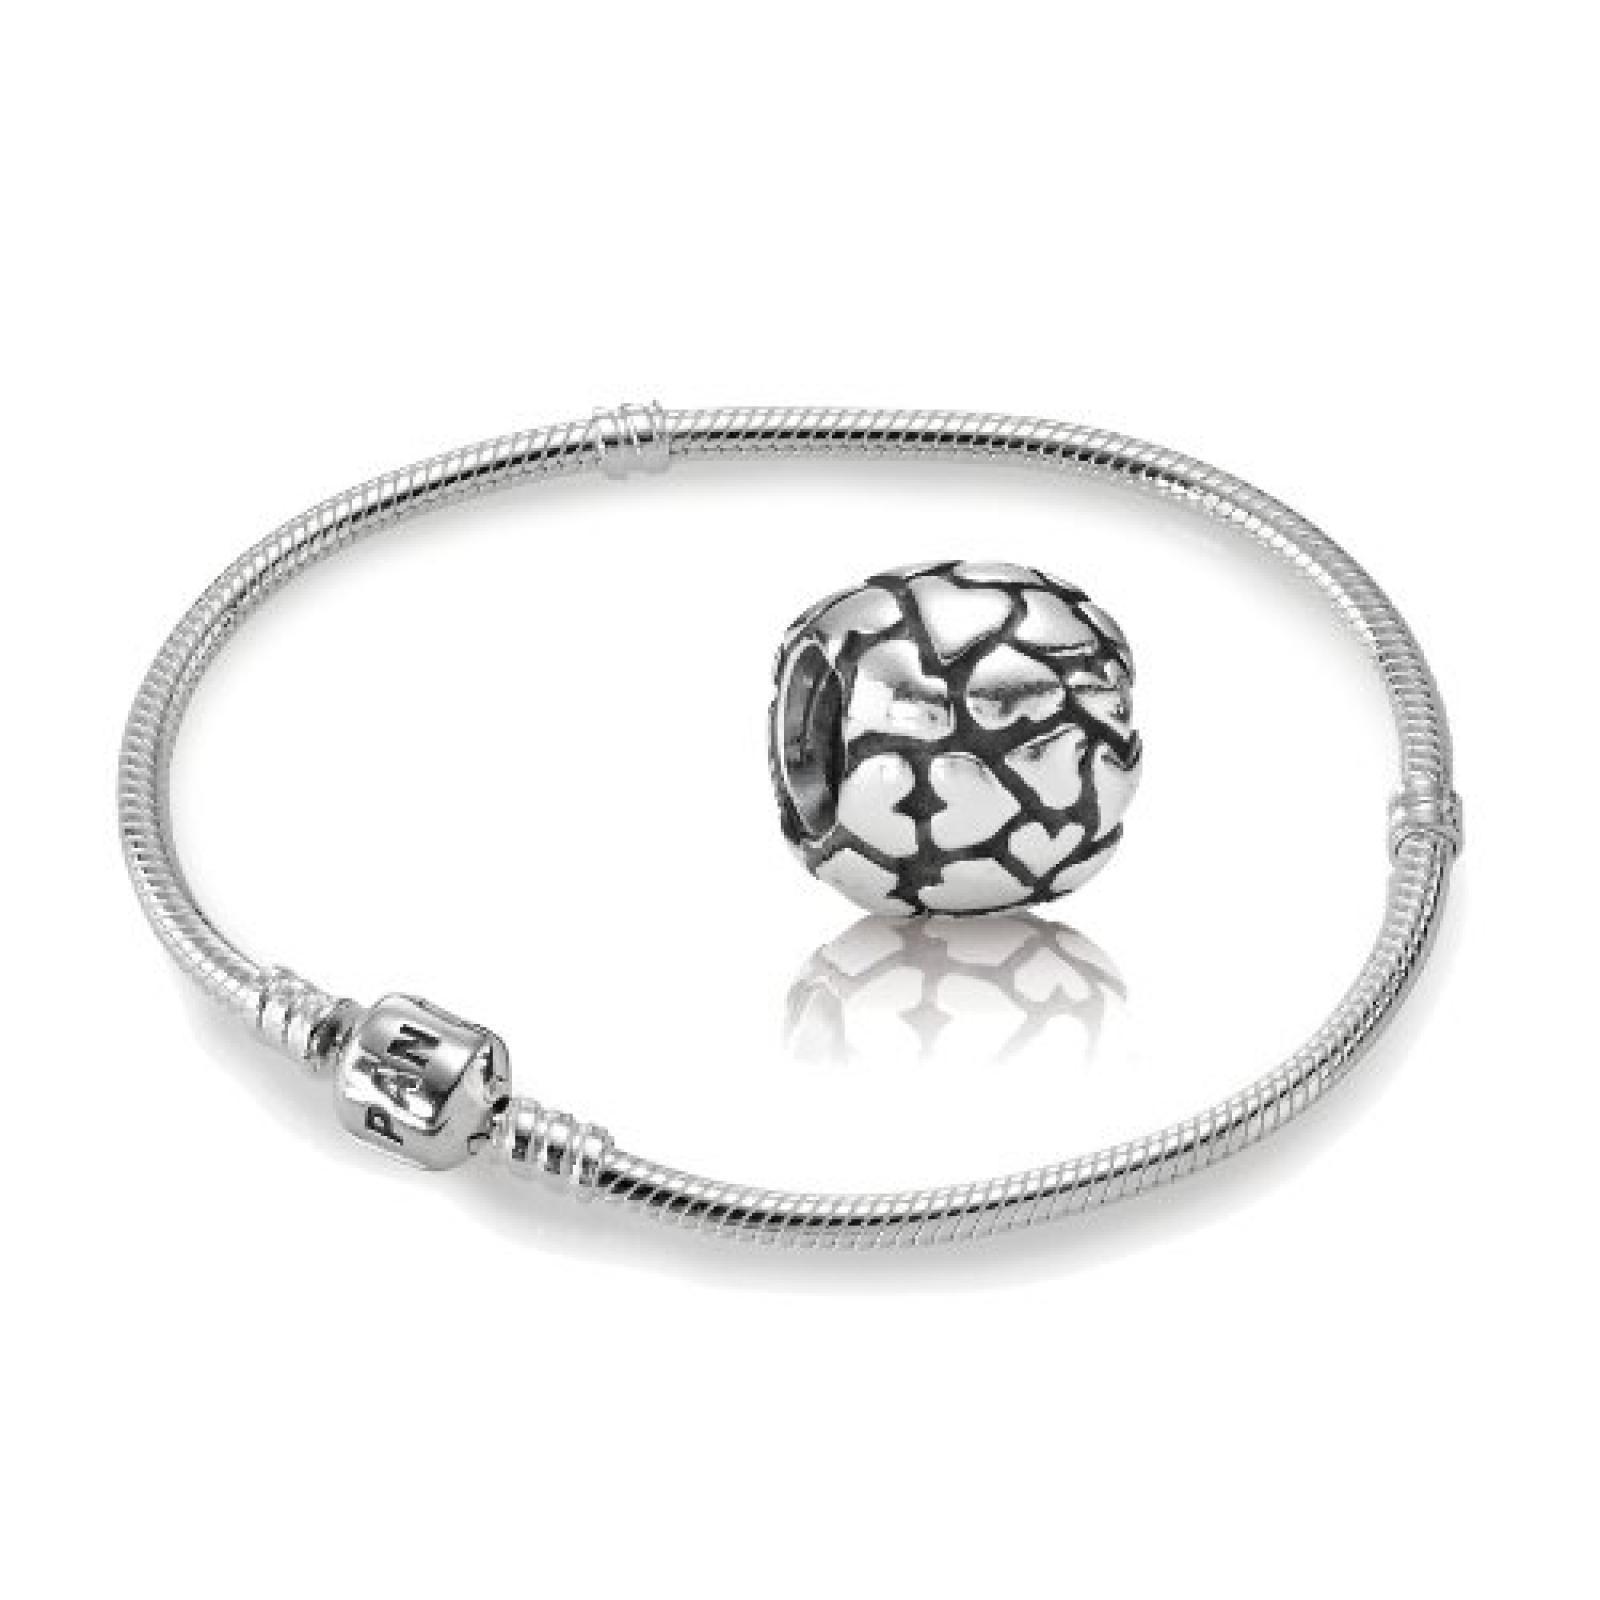 Original PANDORA Starterset / Geschenkset 925er Sterling Silber - 1 Silber Armband - Größe 21 cm - Art.Nr. 590702HV-21 und 1 Silber Charm Herzen - Art.Nr. 790174